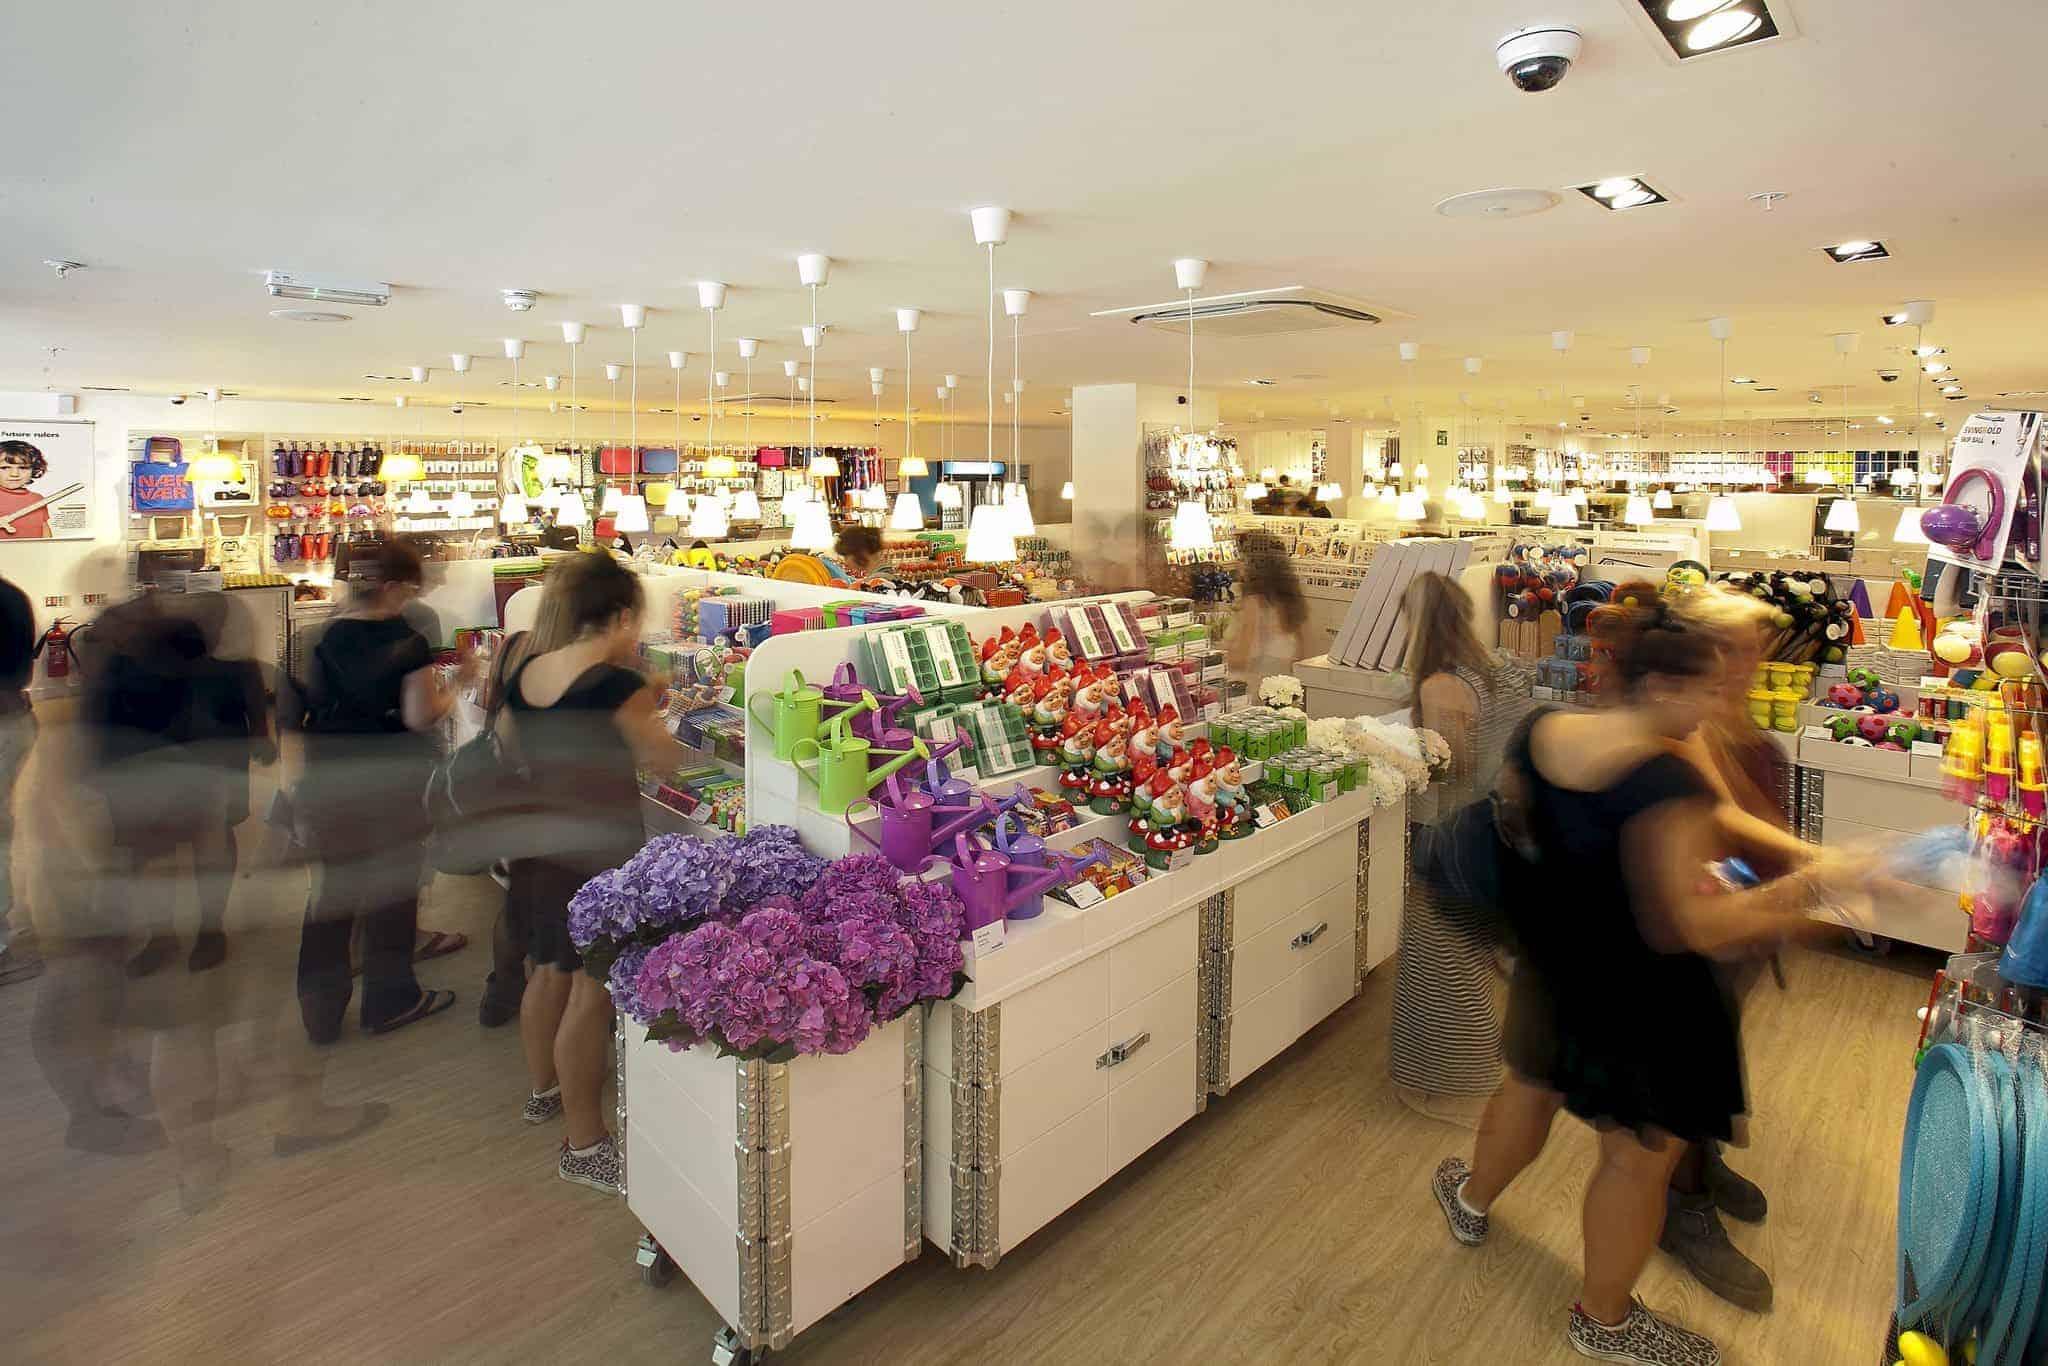 negozi più economici di londra